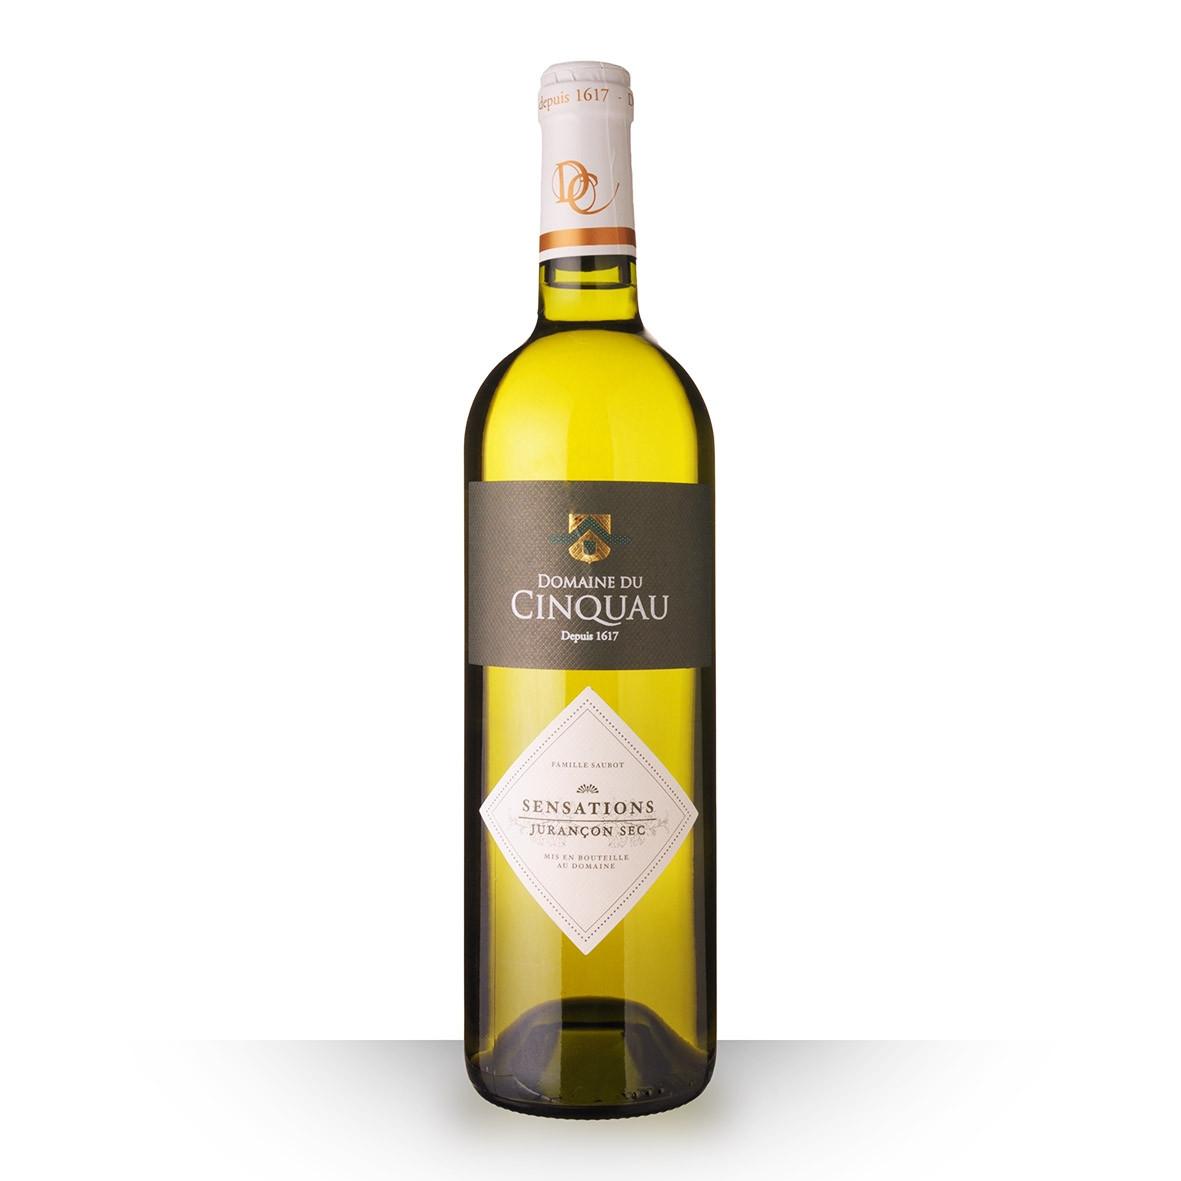 Domaine du Cinquau Sensations Jurançon Sec Blanc 2017 75cl www.odyssee-vins.com